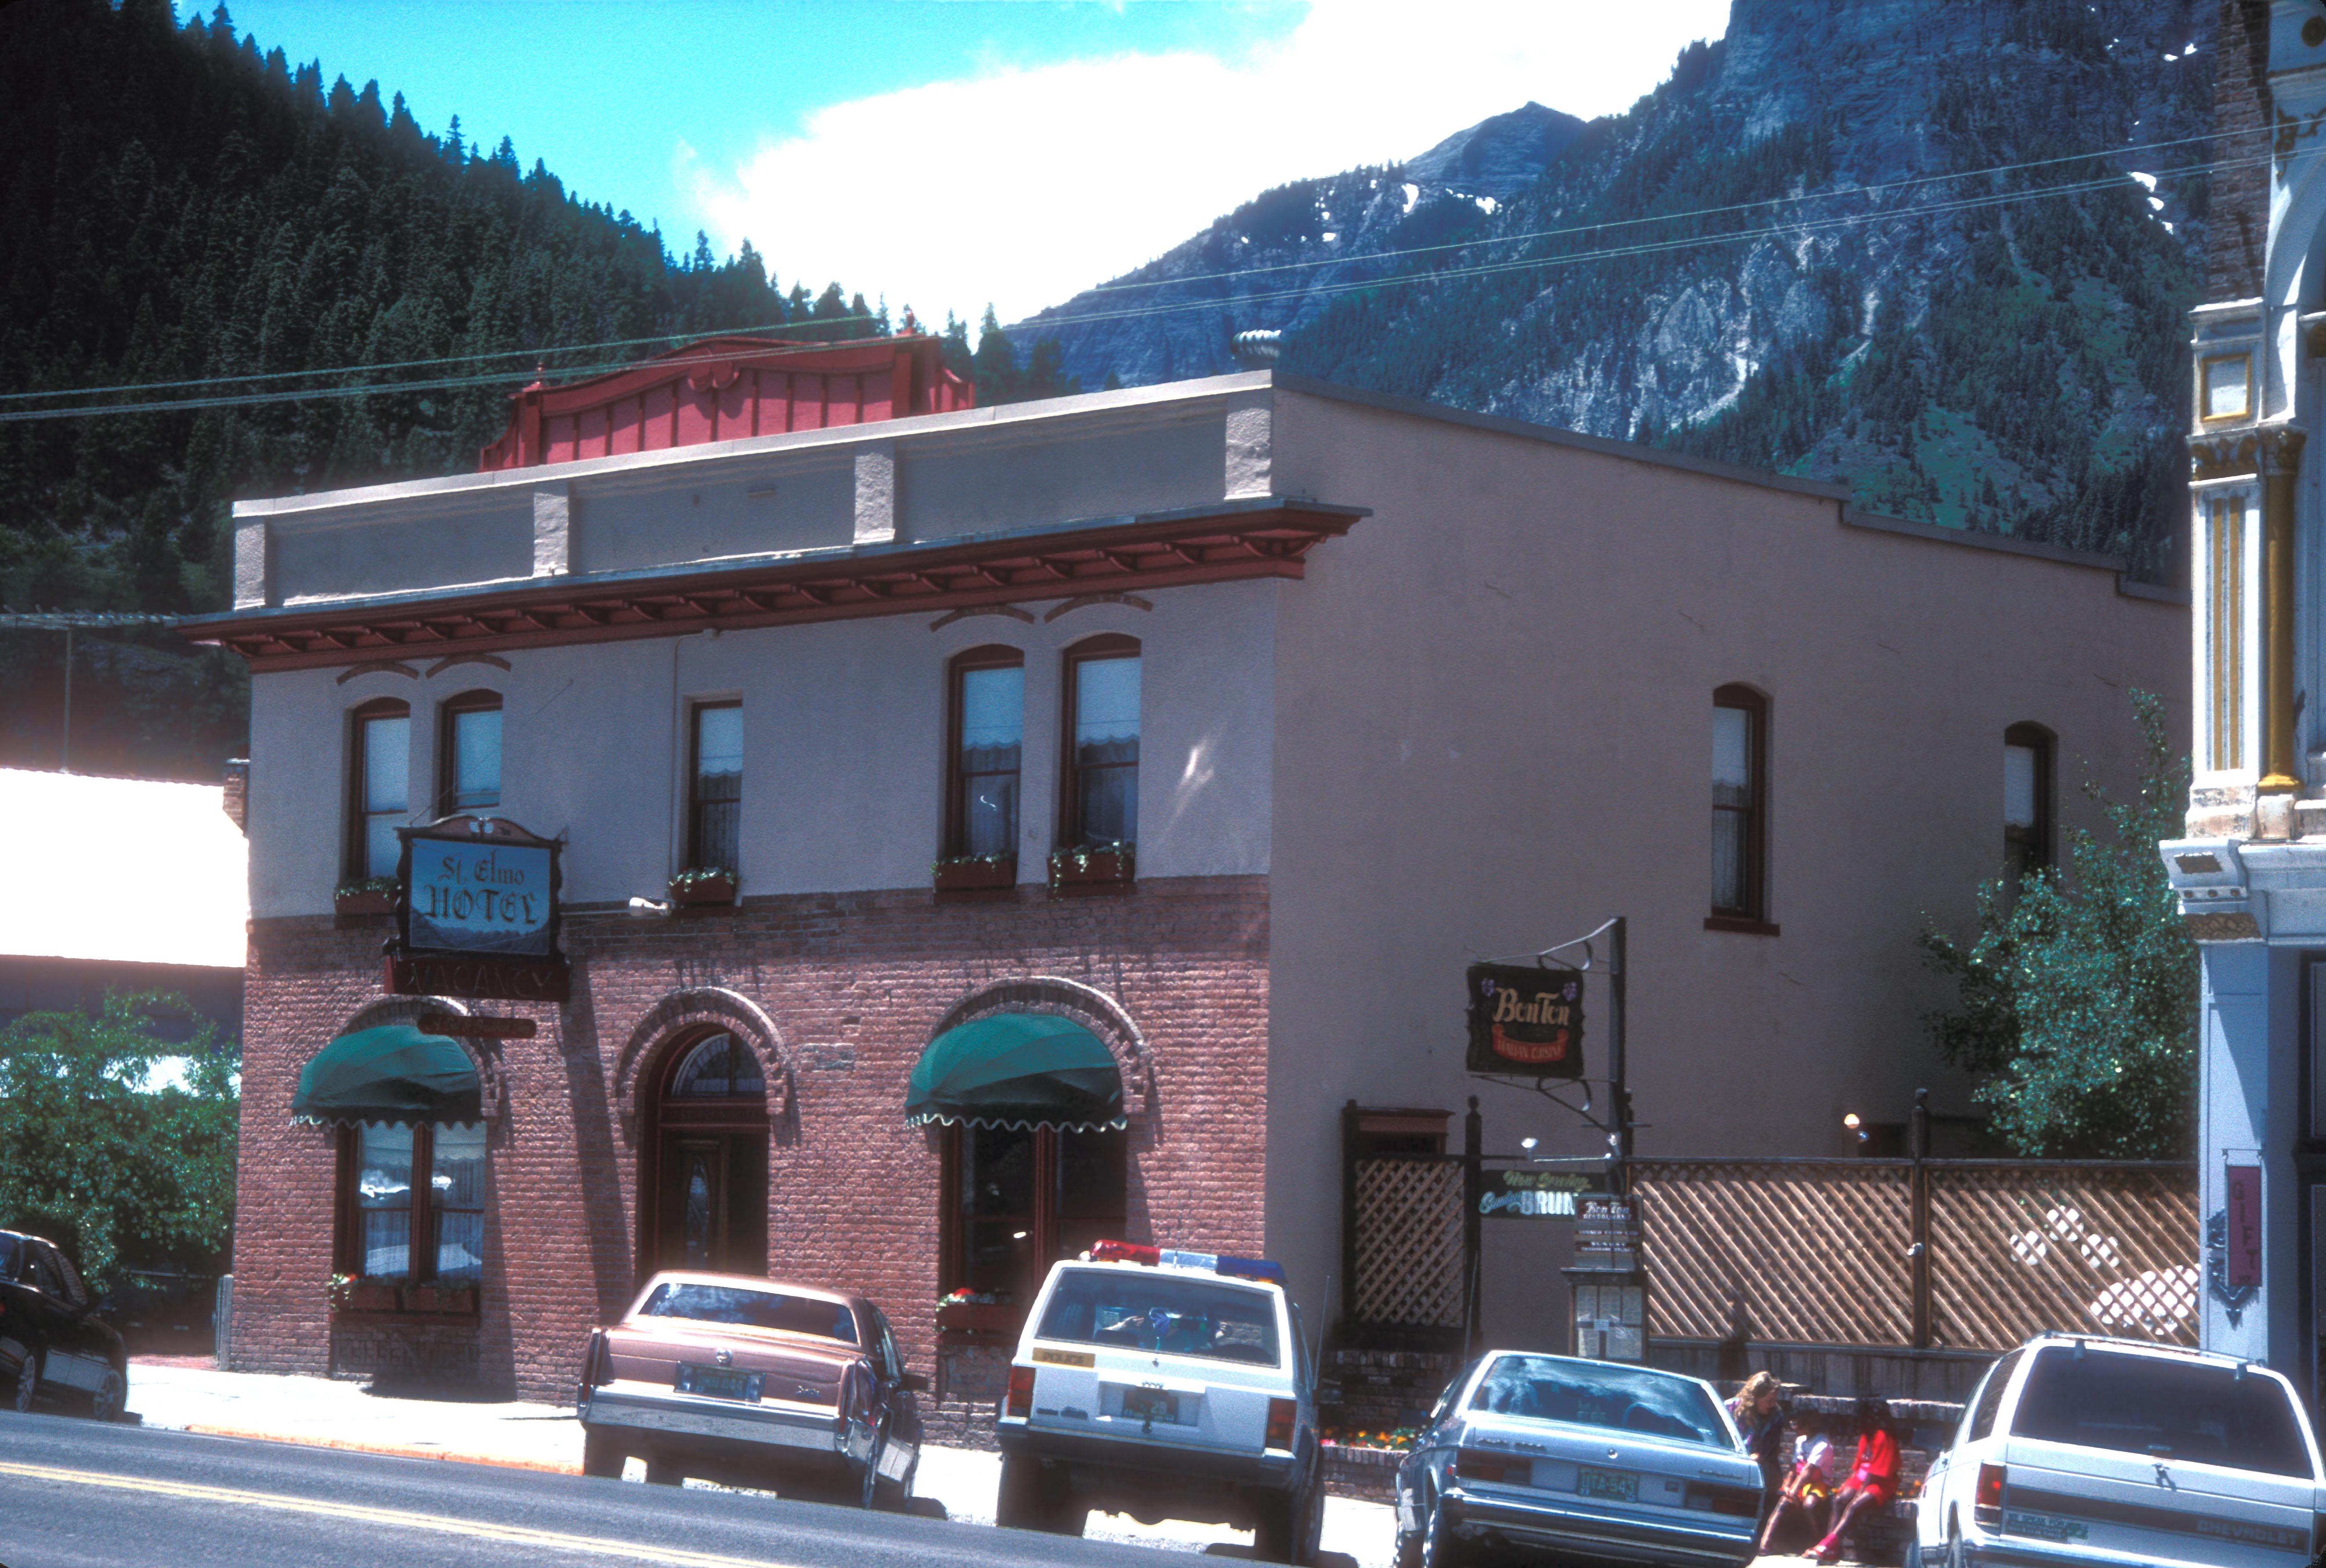 Welchen Ruf Hat Das Hotel St Elmo Hotel In Ouray